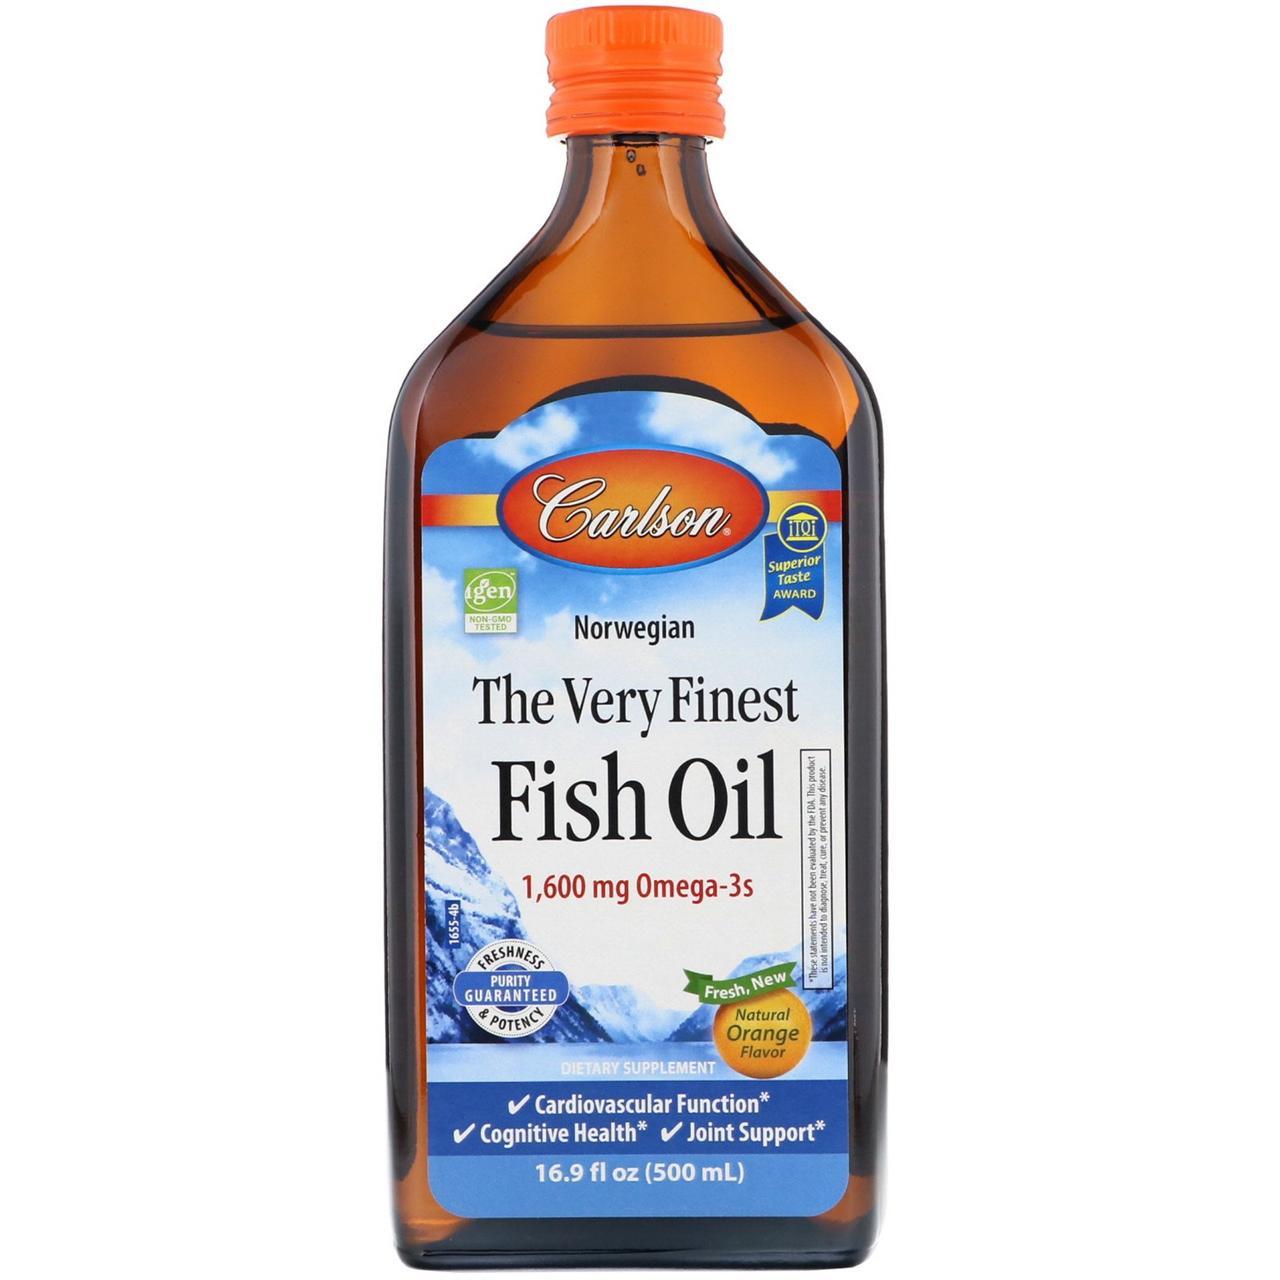 Норвежская серия, самый лучший рыбий жир, натуральный апельсиновый вкус, 1600 мг, 500 мл, Carlson Labs